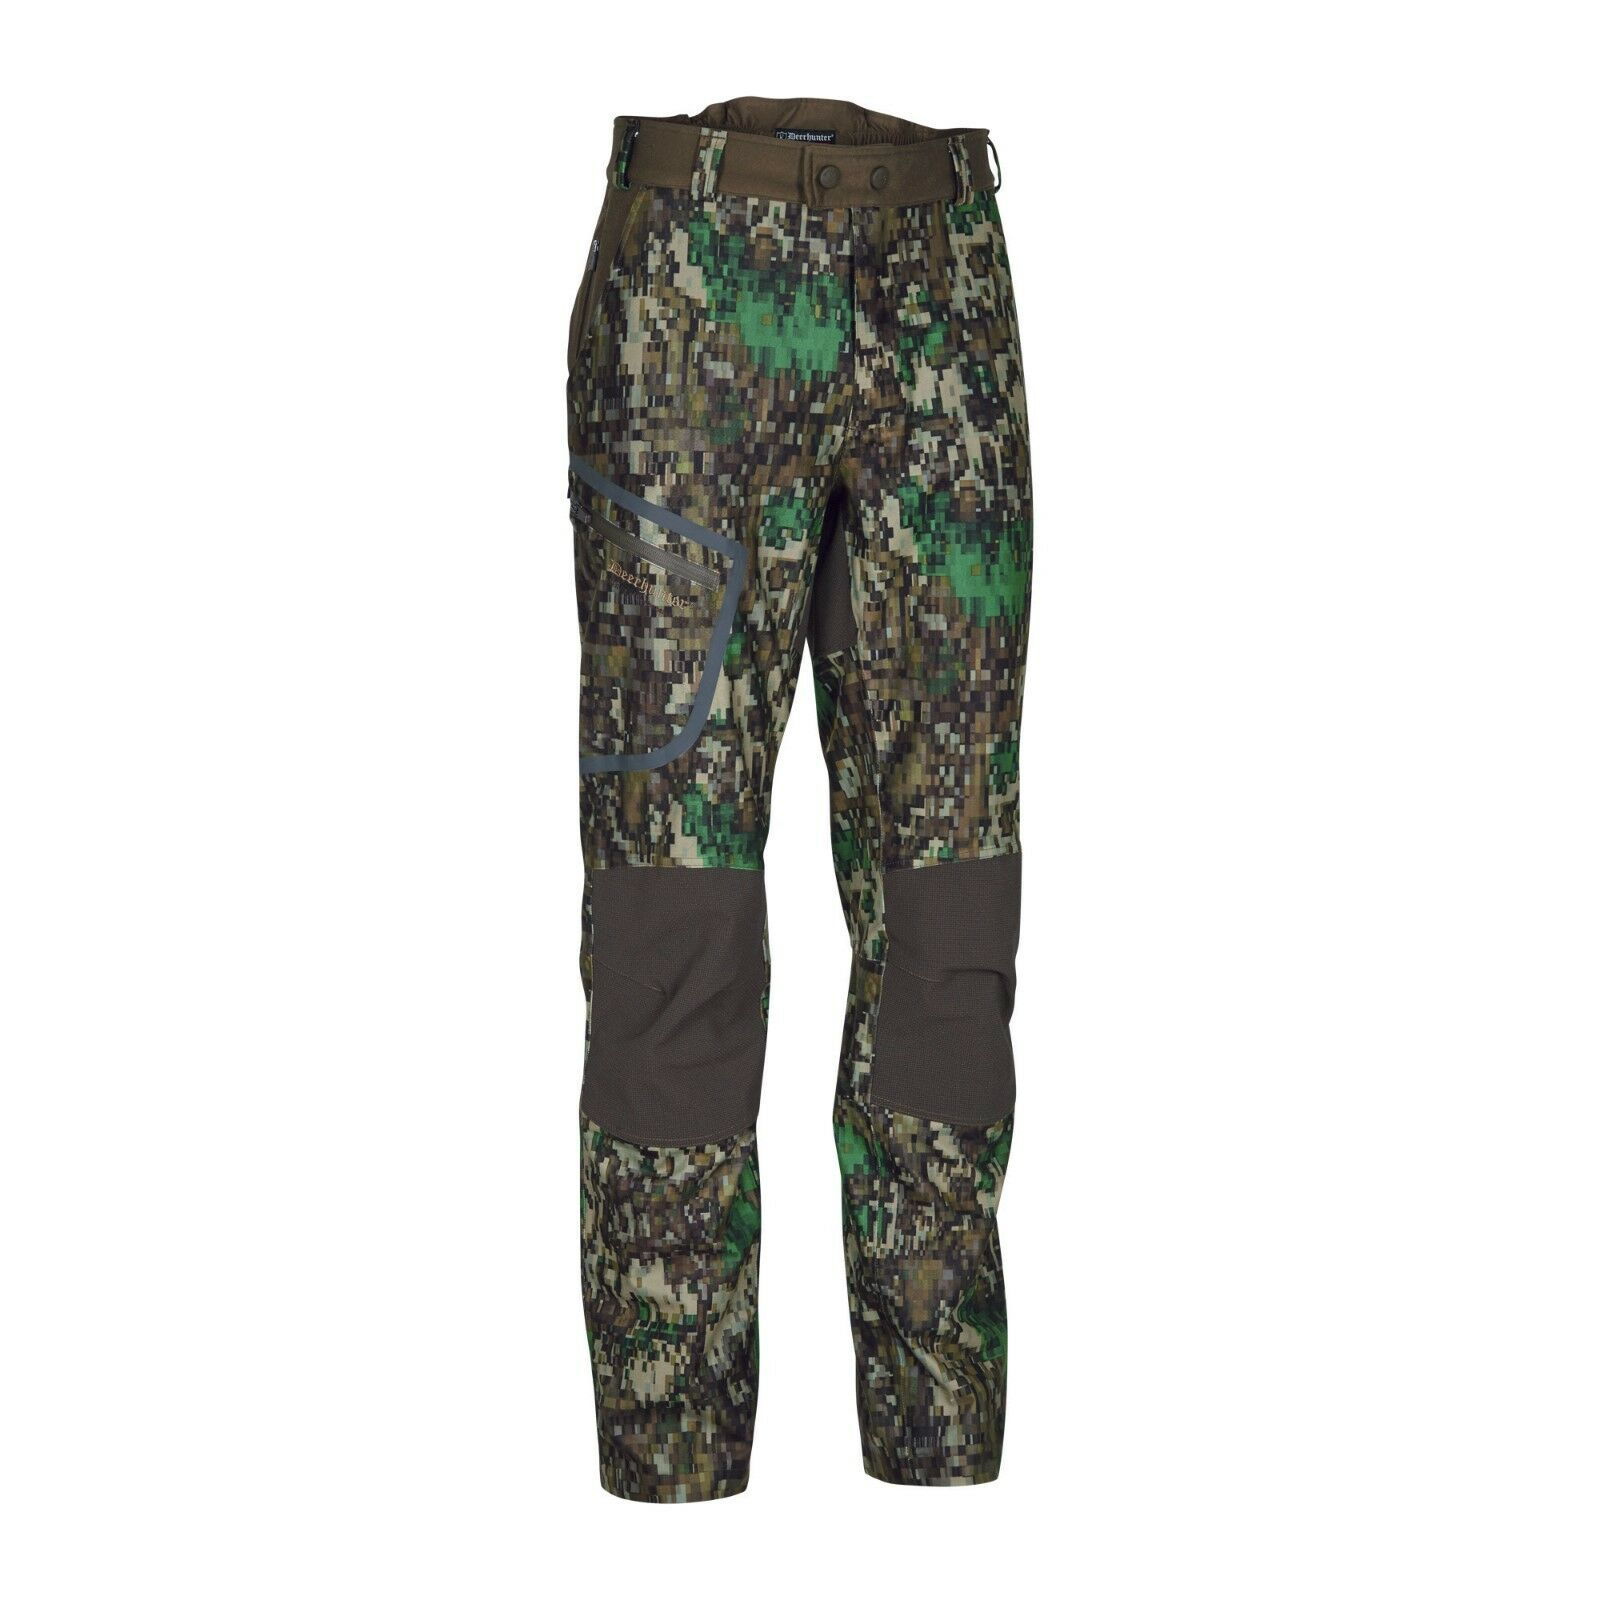 Deerhunter Cumberland Pantalones Camo  refuerzo Caza Tirojoeo + Calcetines Gratis  echa un vistazo a los más baratos